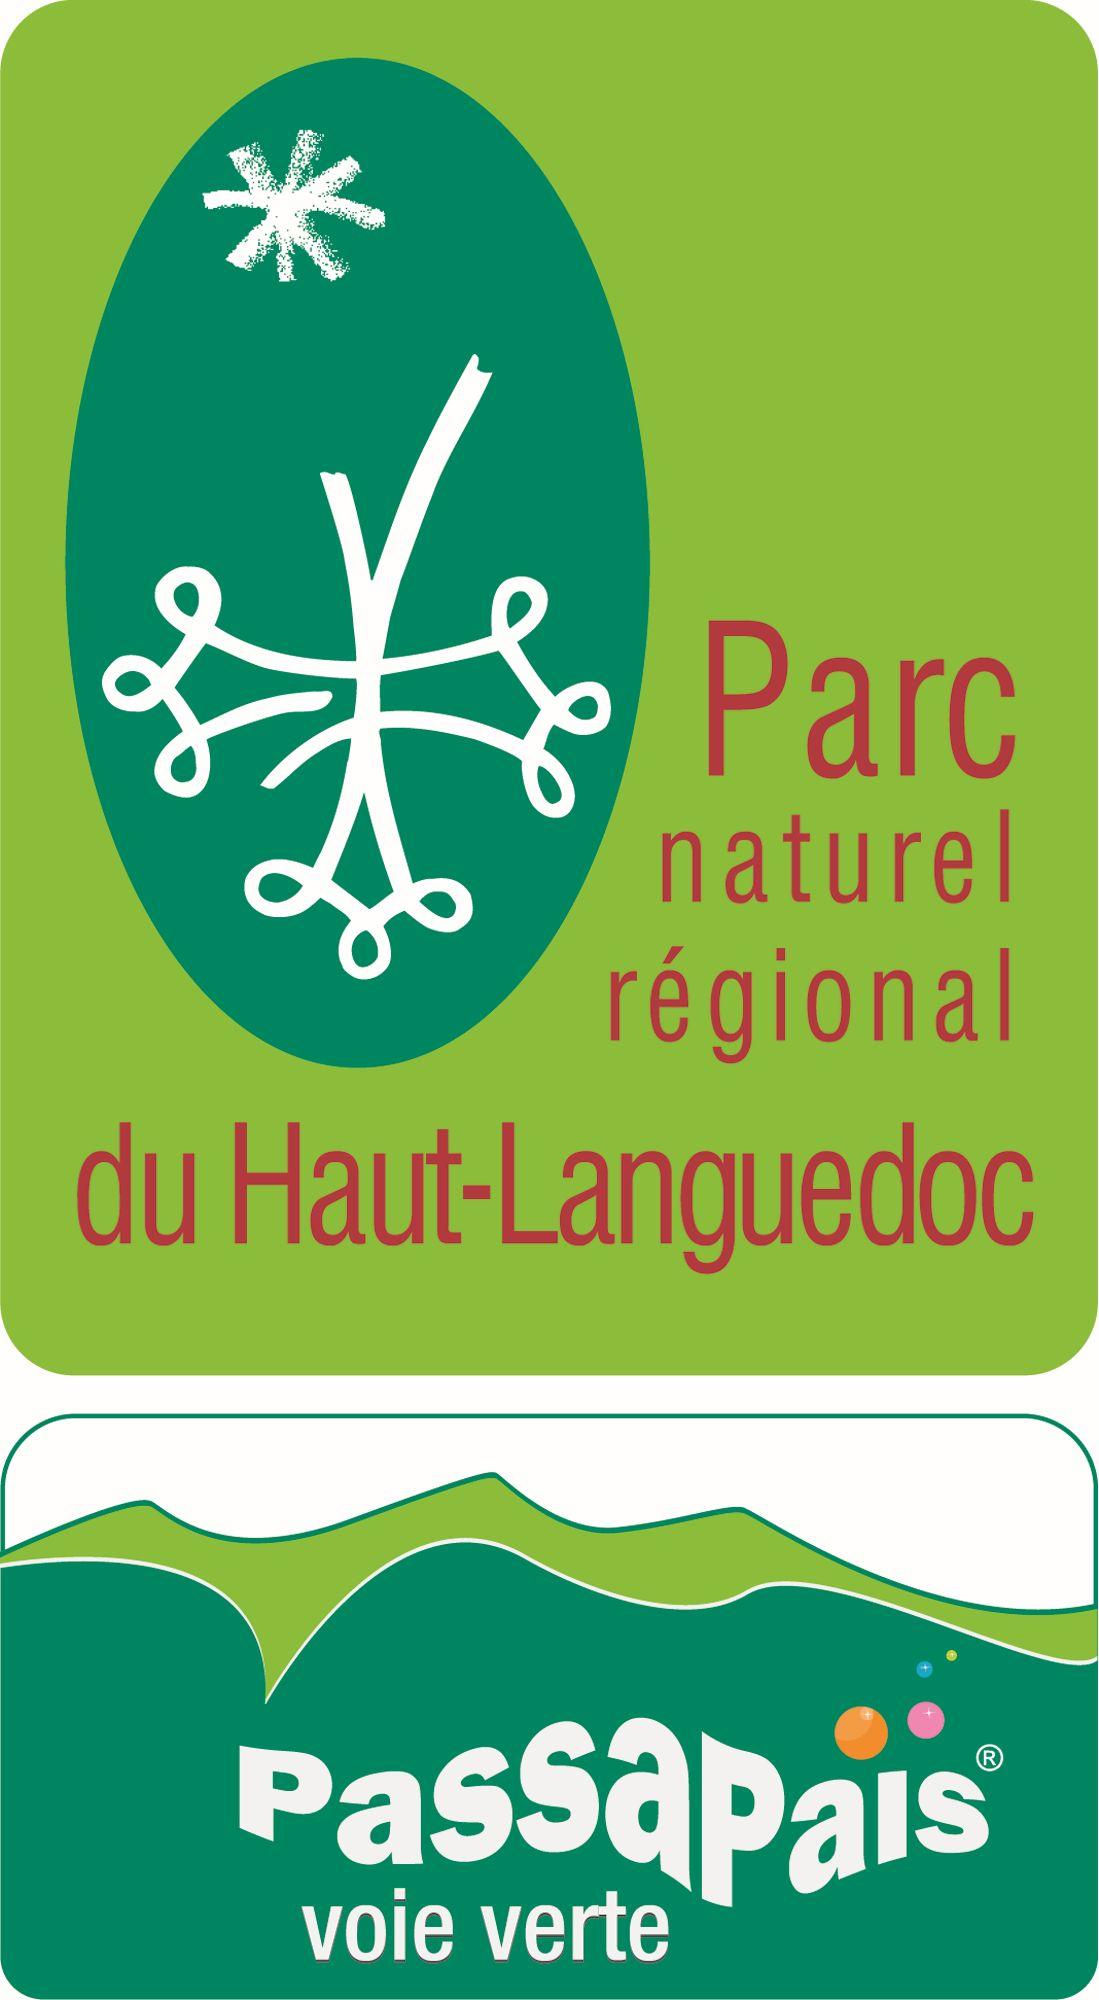 Logo Voie Verte  du Parc naturel régional du Haut-Languedoc